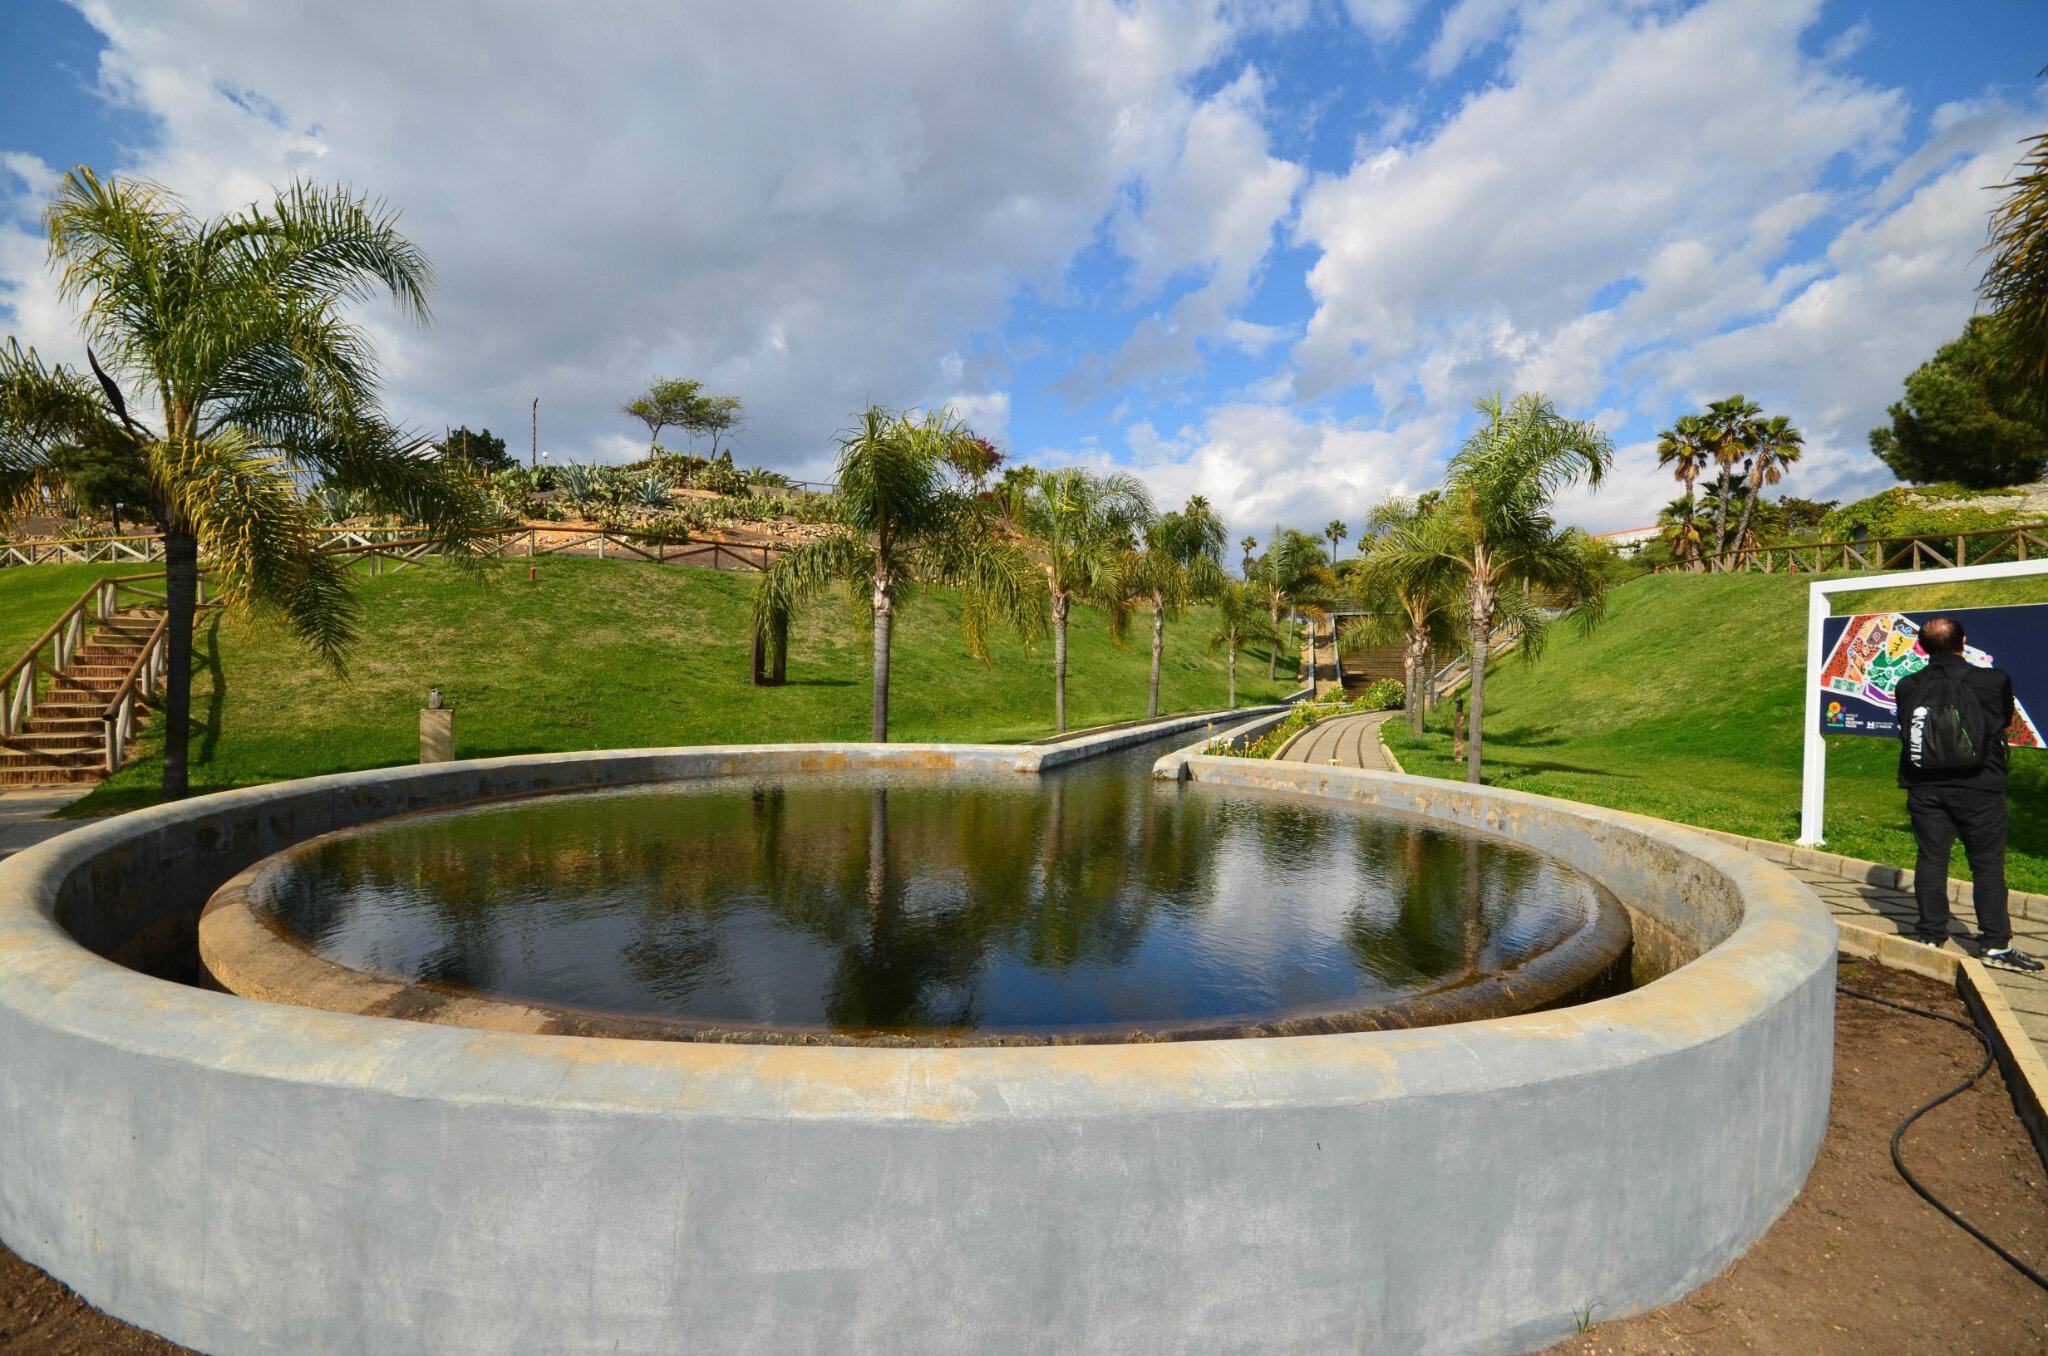 Le Parc Botanique de La Rábita en Andalousie